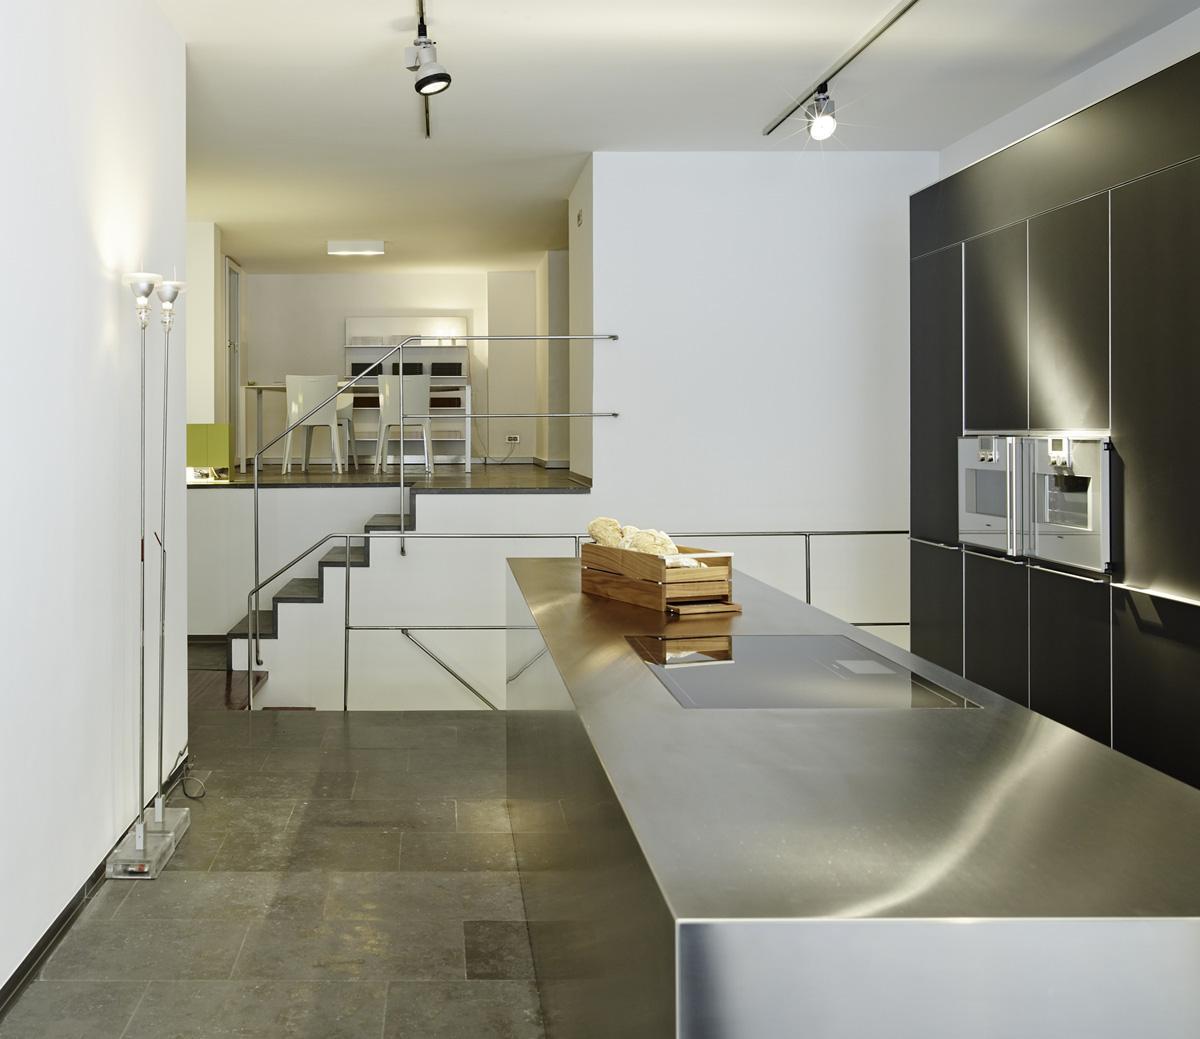 Hic arquitectura estudio vil y blanch showroom de cocinas bulthaup barcelona - Studio barcelona muebles ...